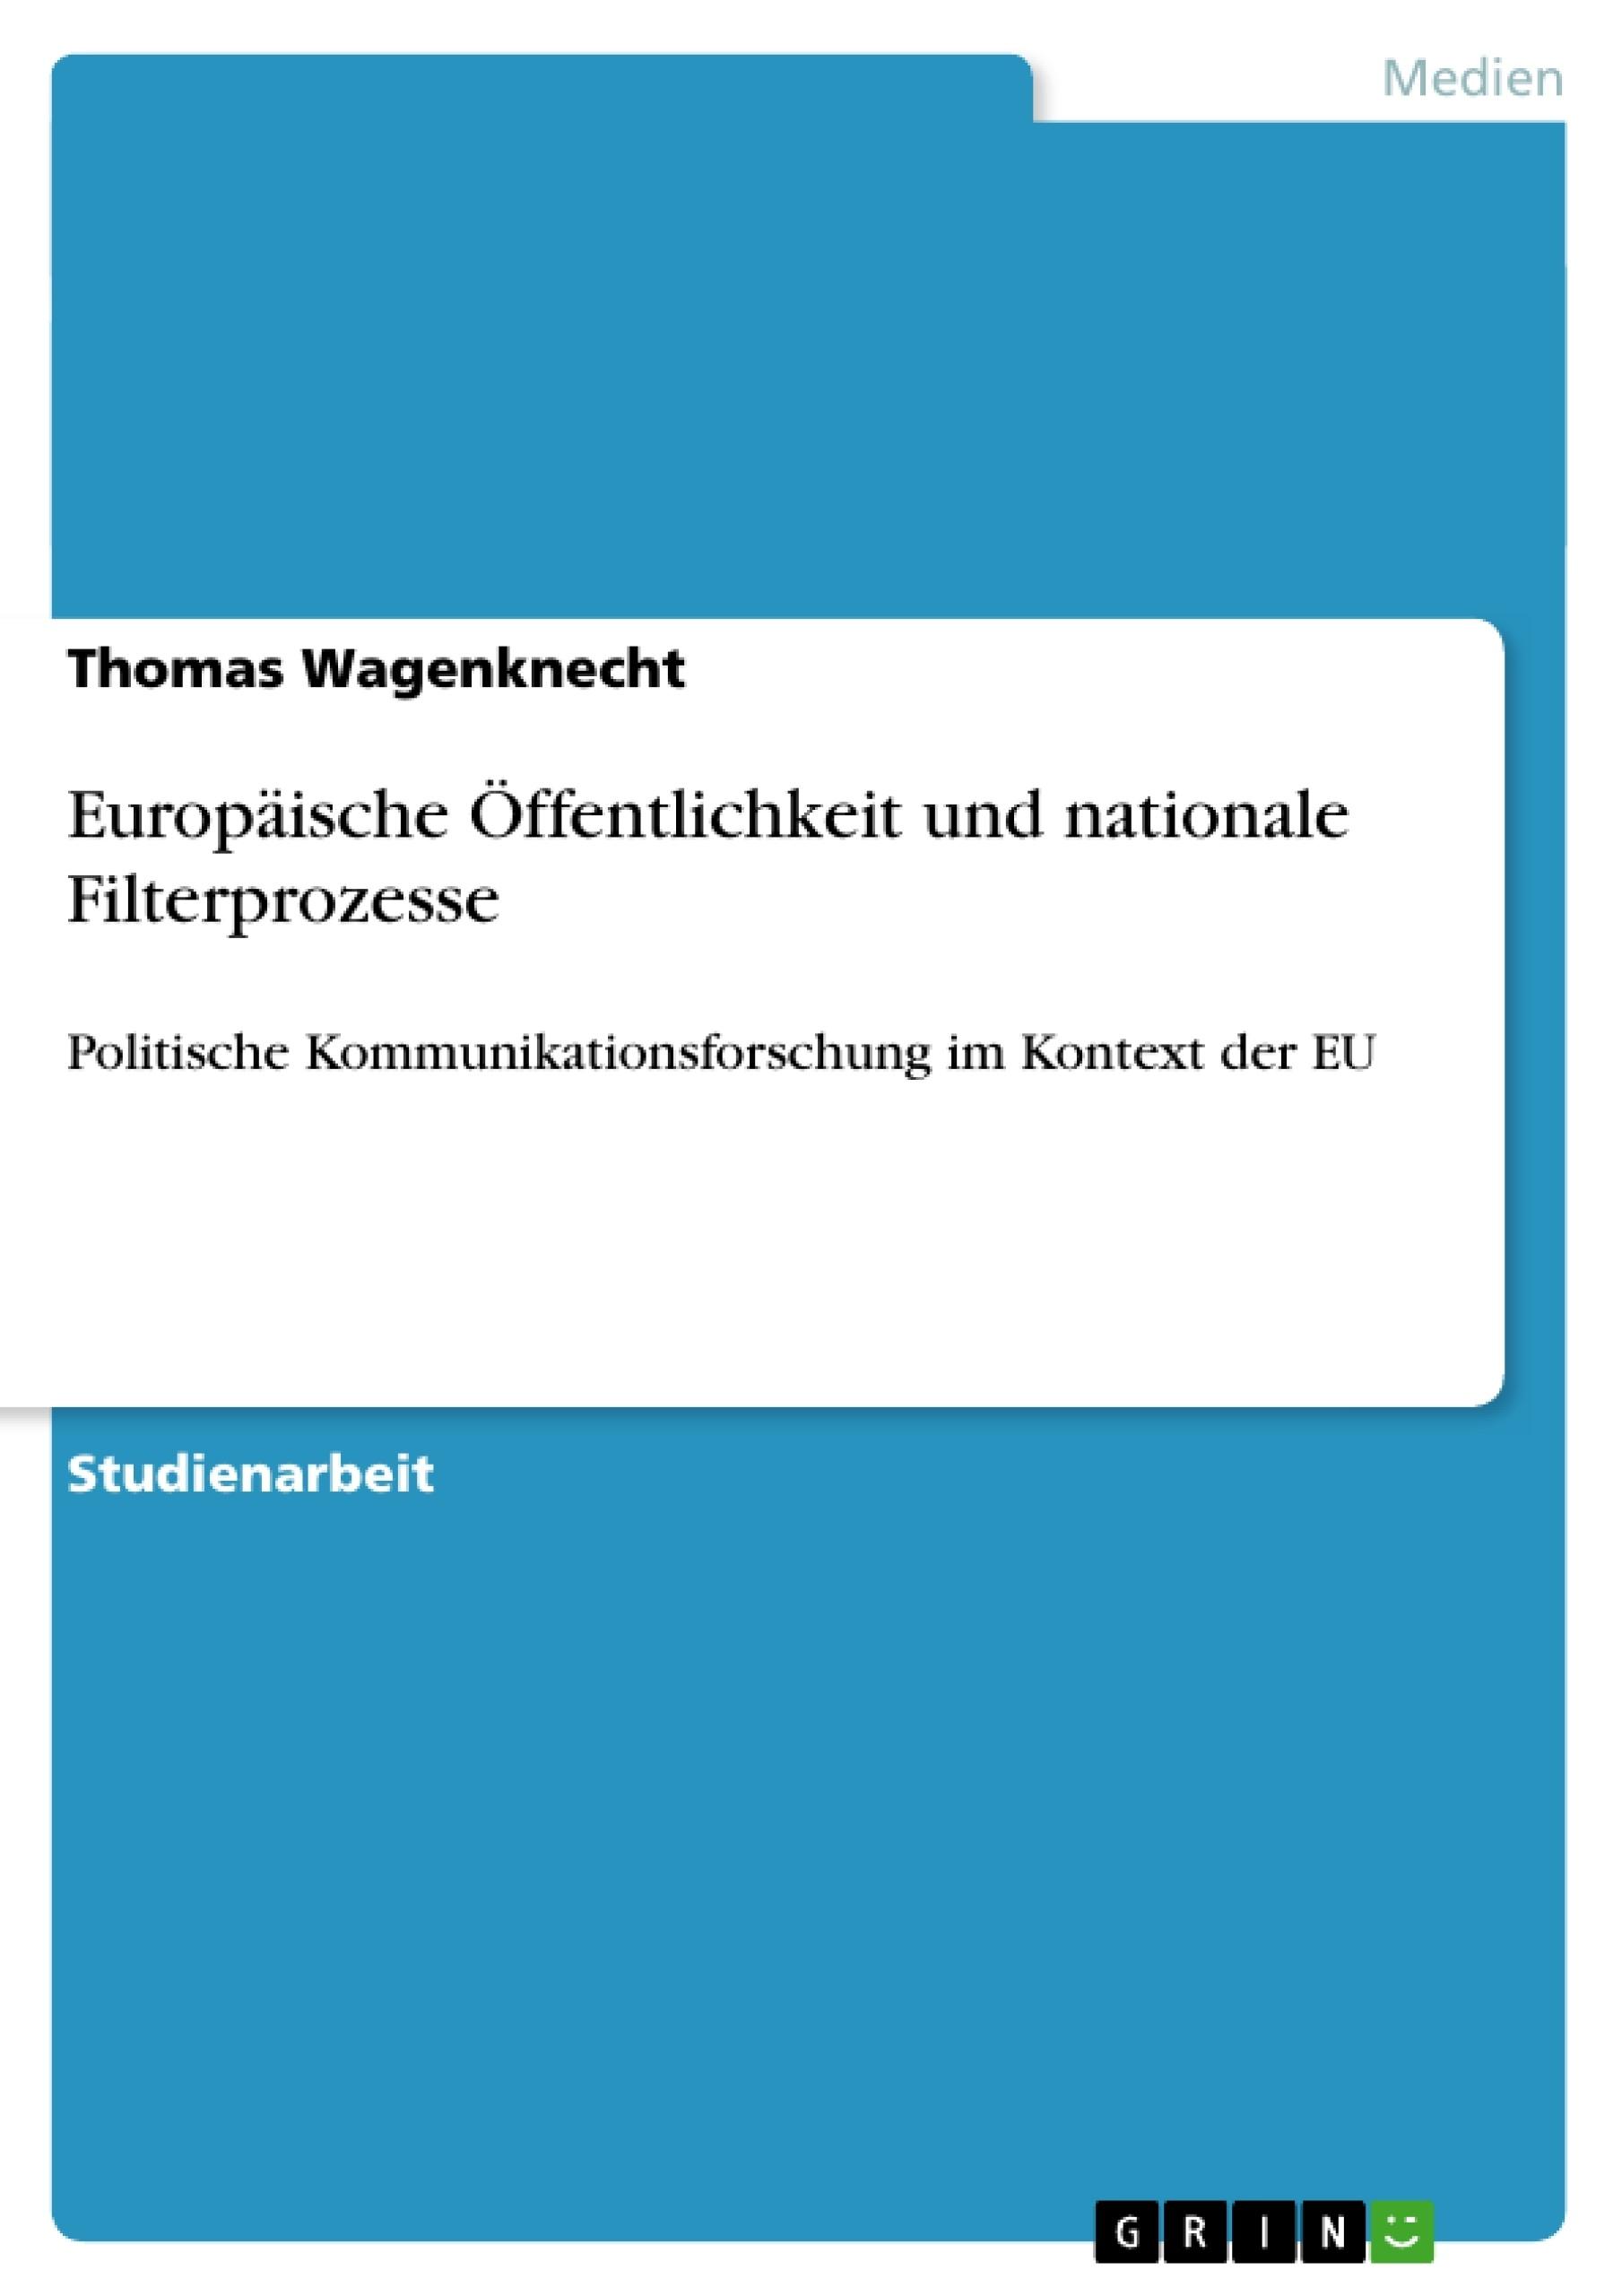 Titel: Europäische Öffentlichkeit und nationale Filterprozesse